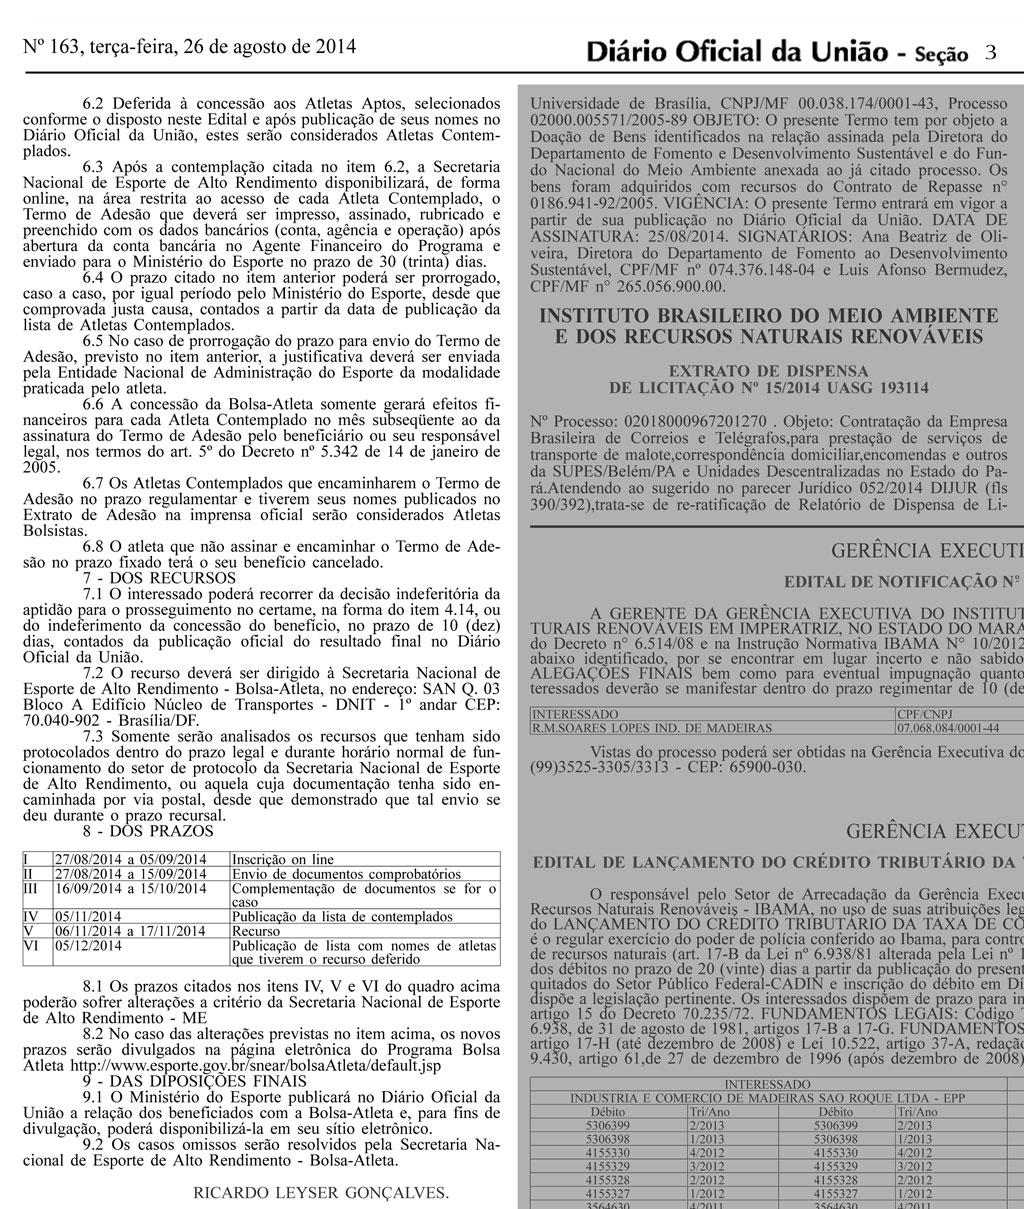 EDITAL - Página 109